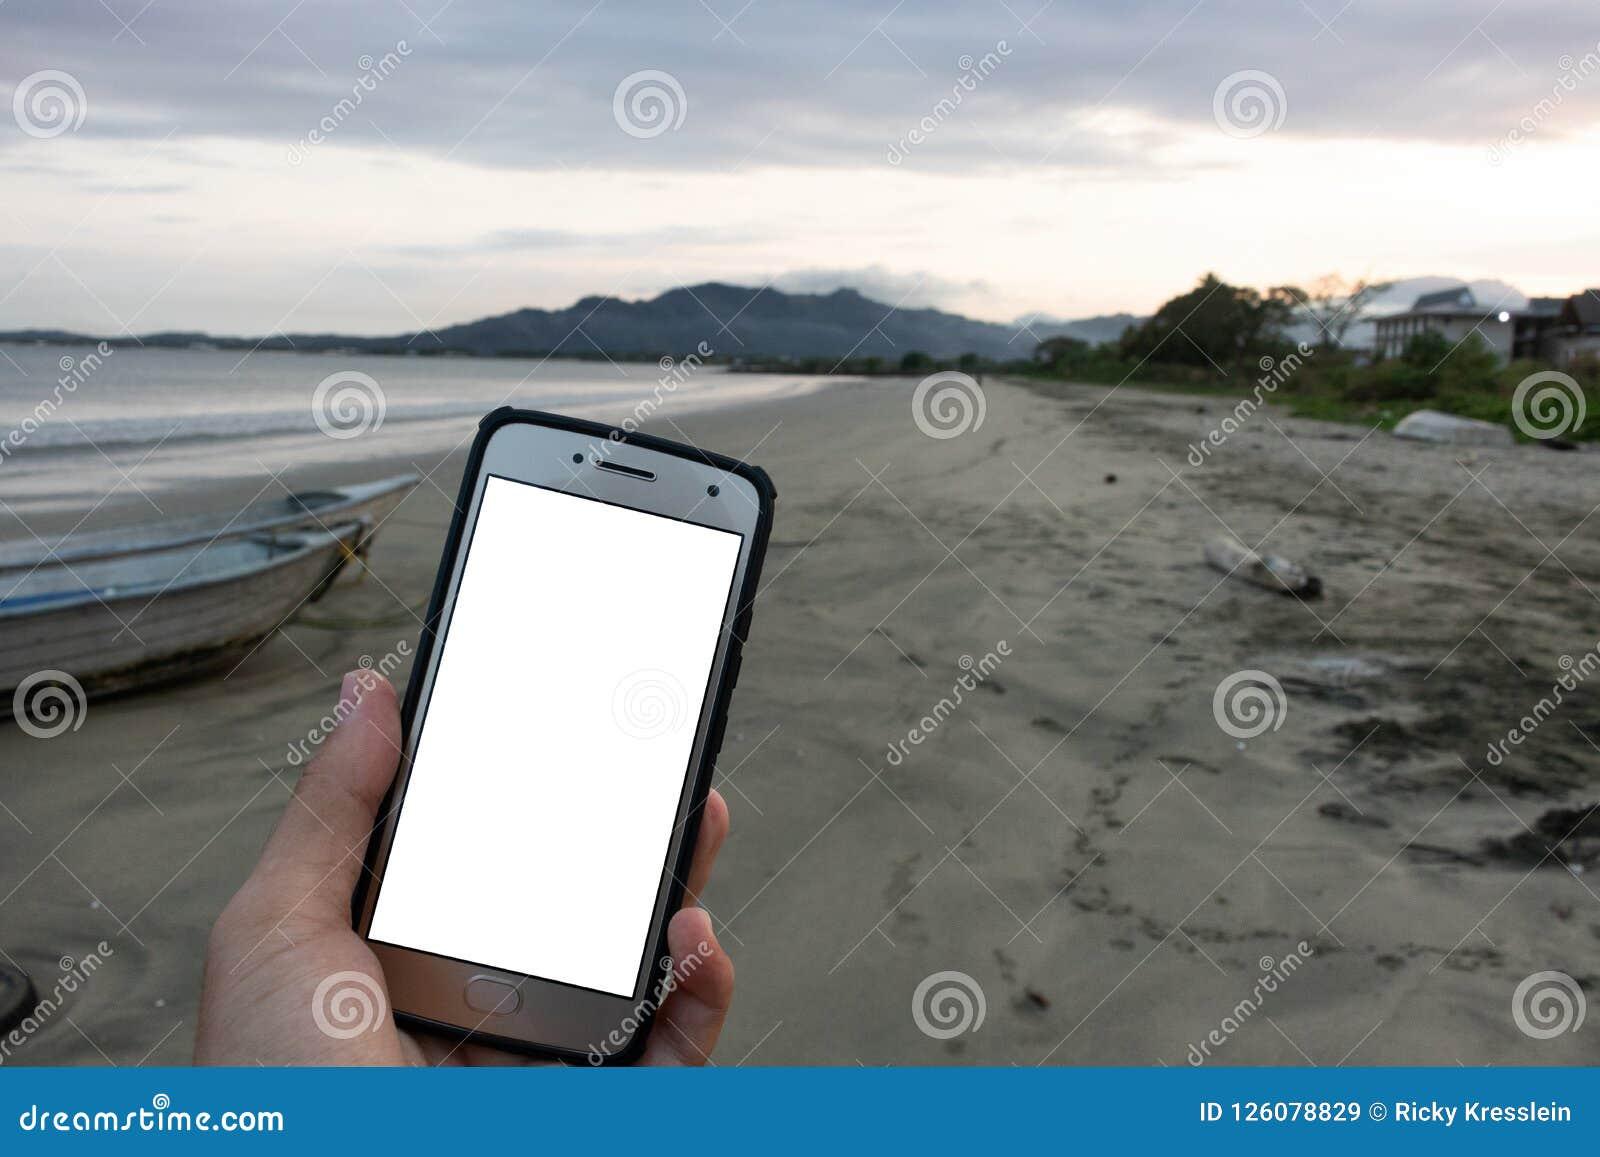 Άποψη παραλιών προτύπων διαφημίσεων τηλεφωνικής οθόνης ωκεάνιο ηλιοβασίλεμα Φίτζι Ειρηνικός